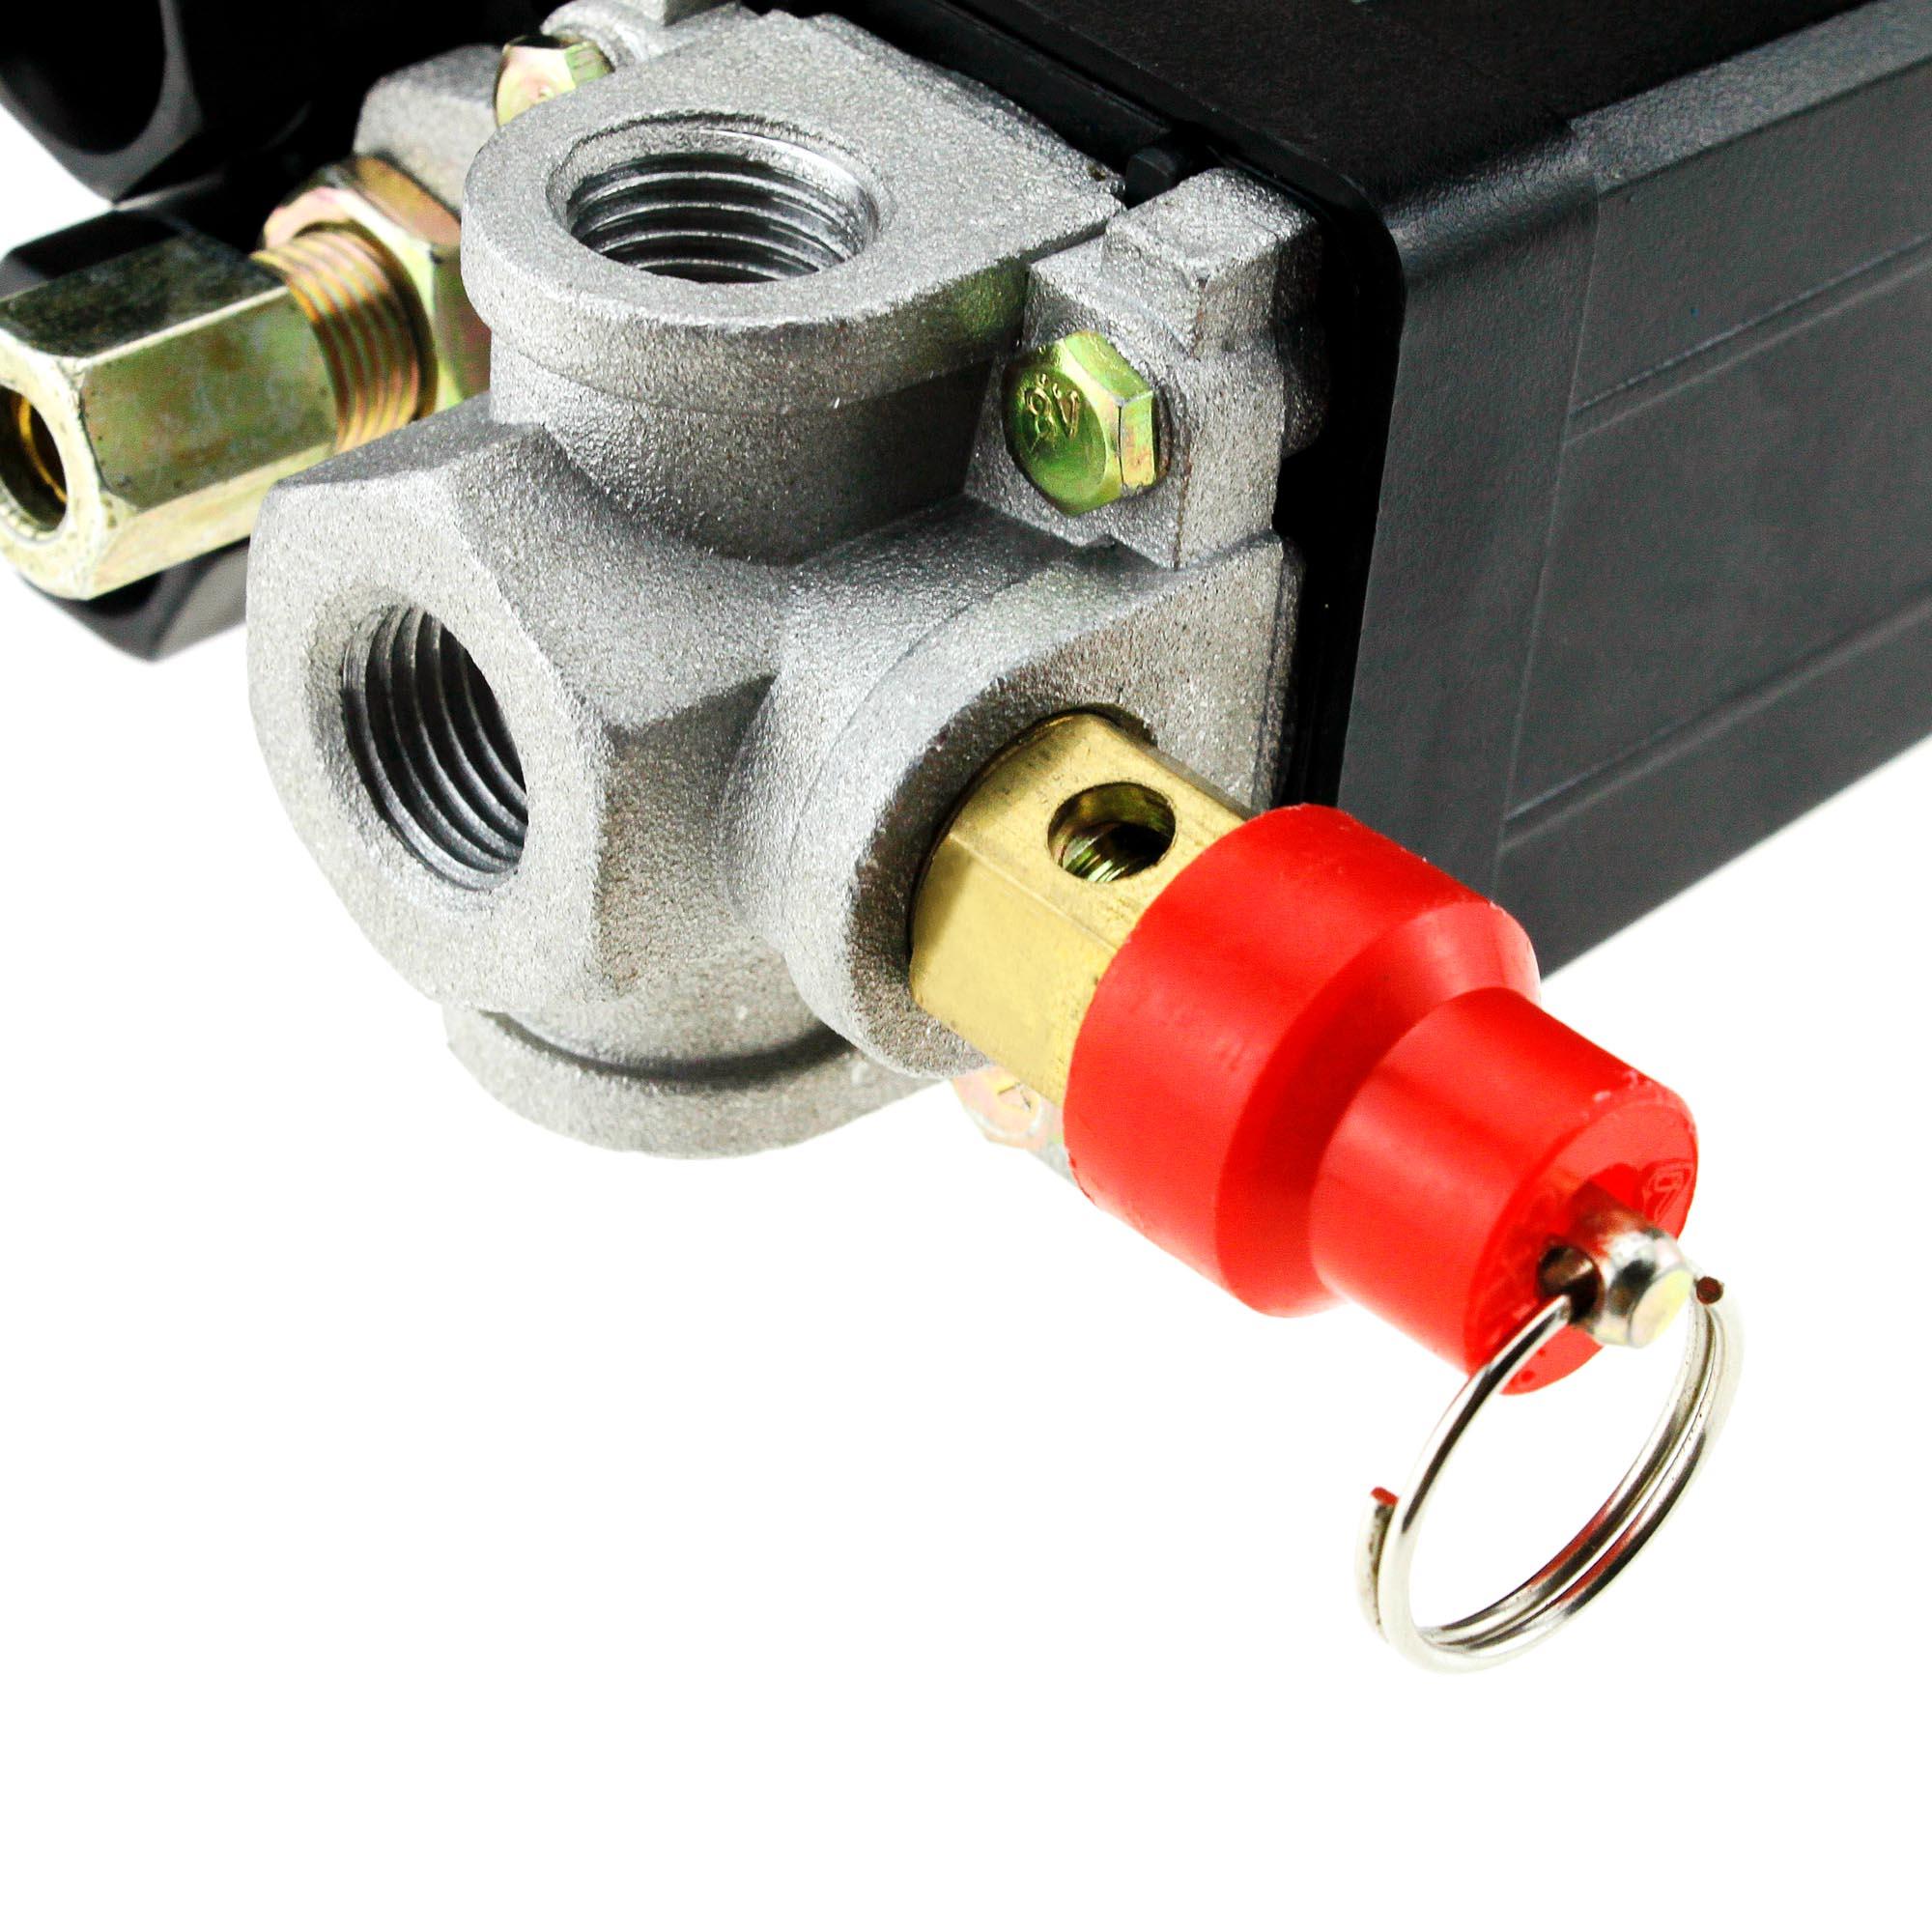 Предохранительный клапан для компрессора своими руками 2526